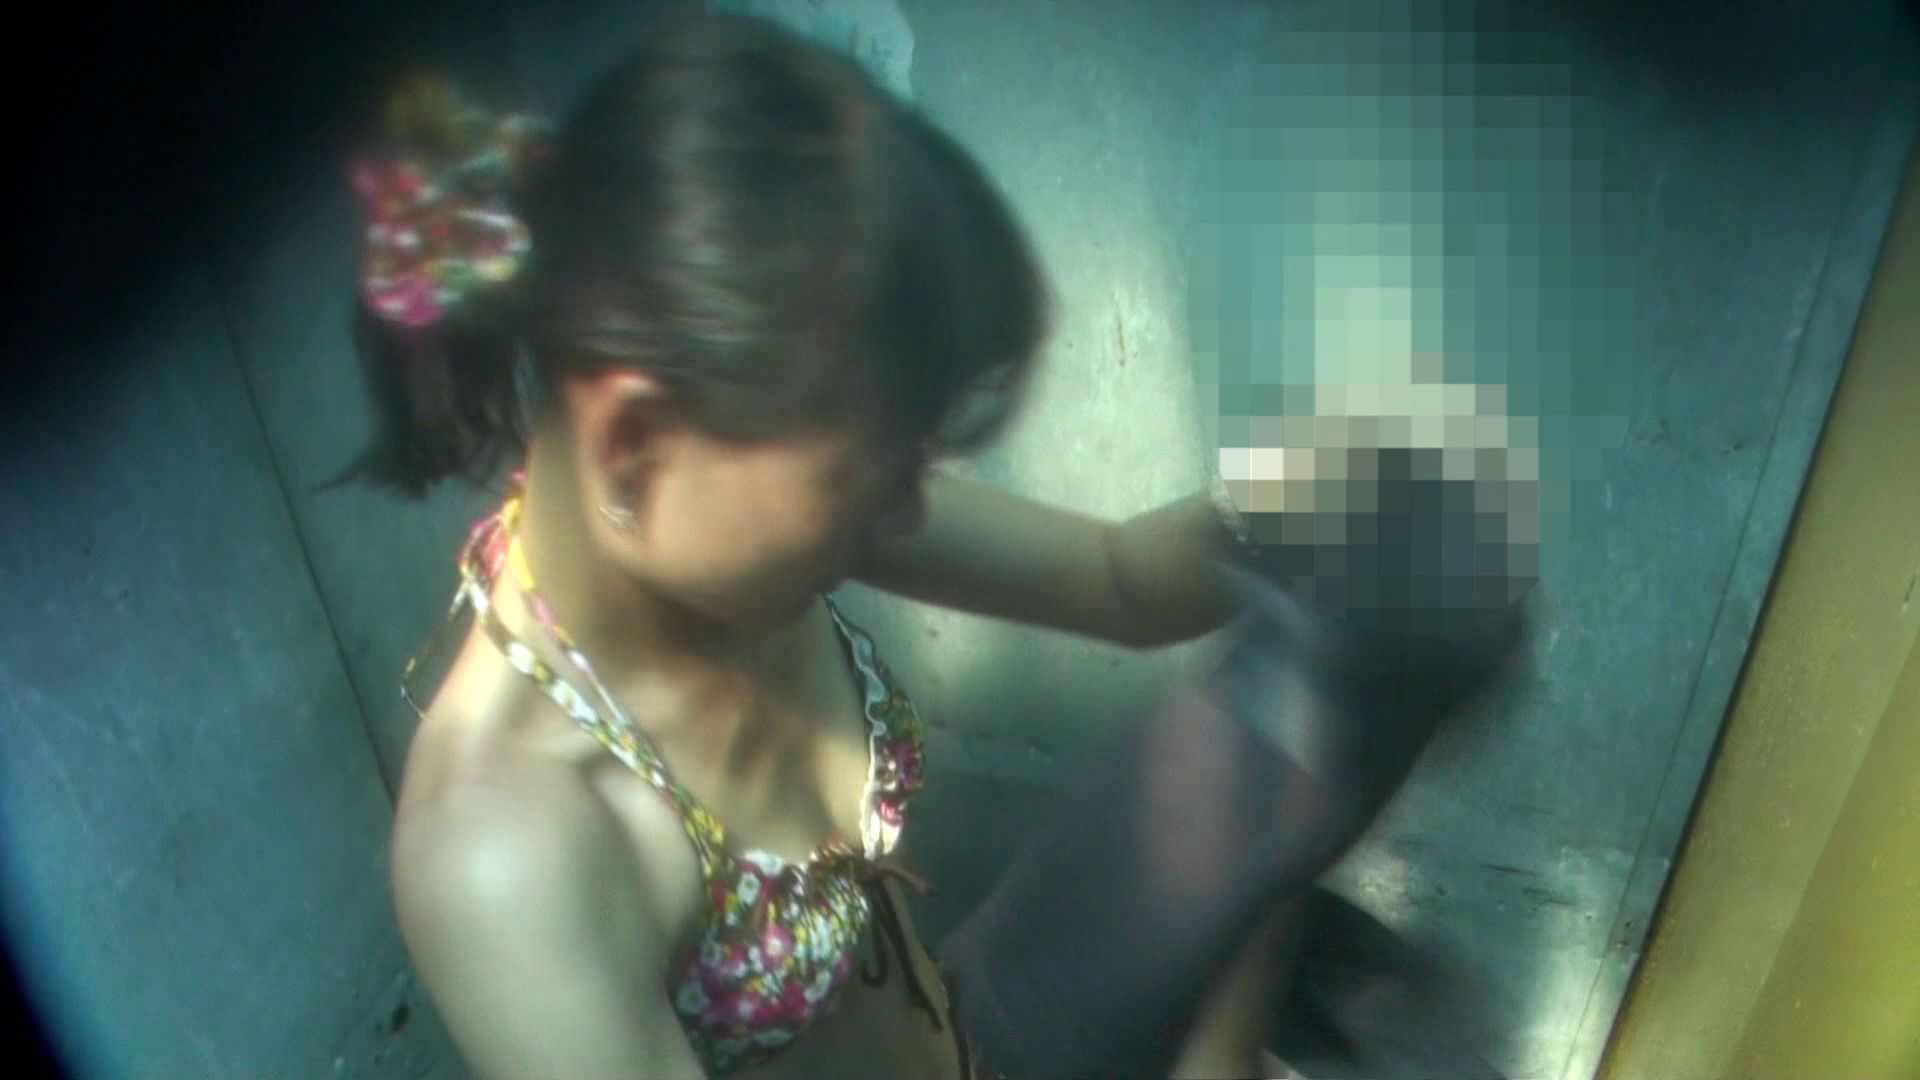 シャワールームは超!!危険な香りVol.16 意外に乳首は年増のそれ 乳首   OLの実態  61pic 53